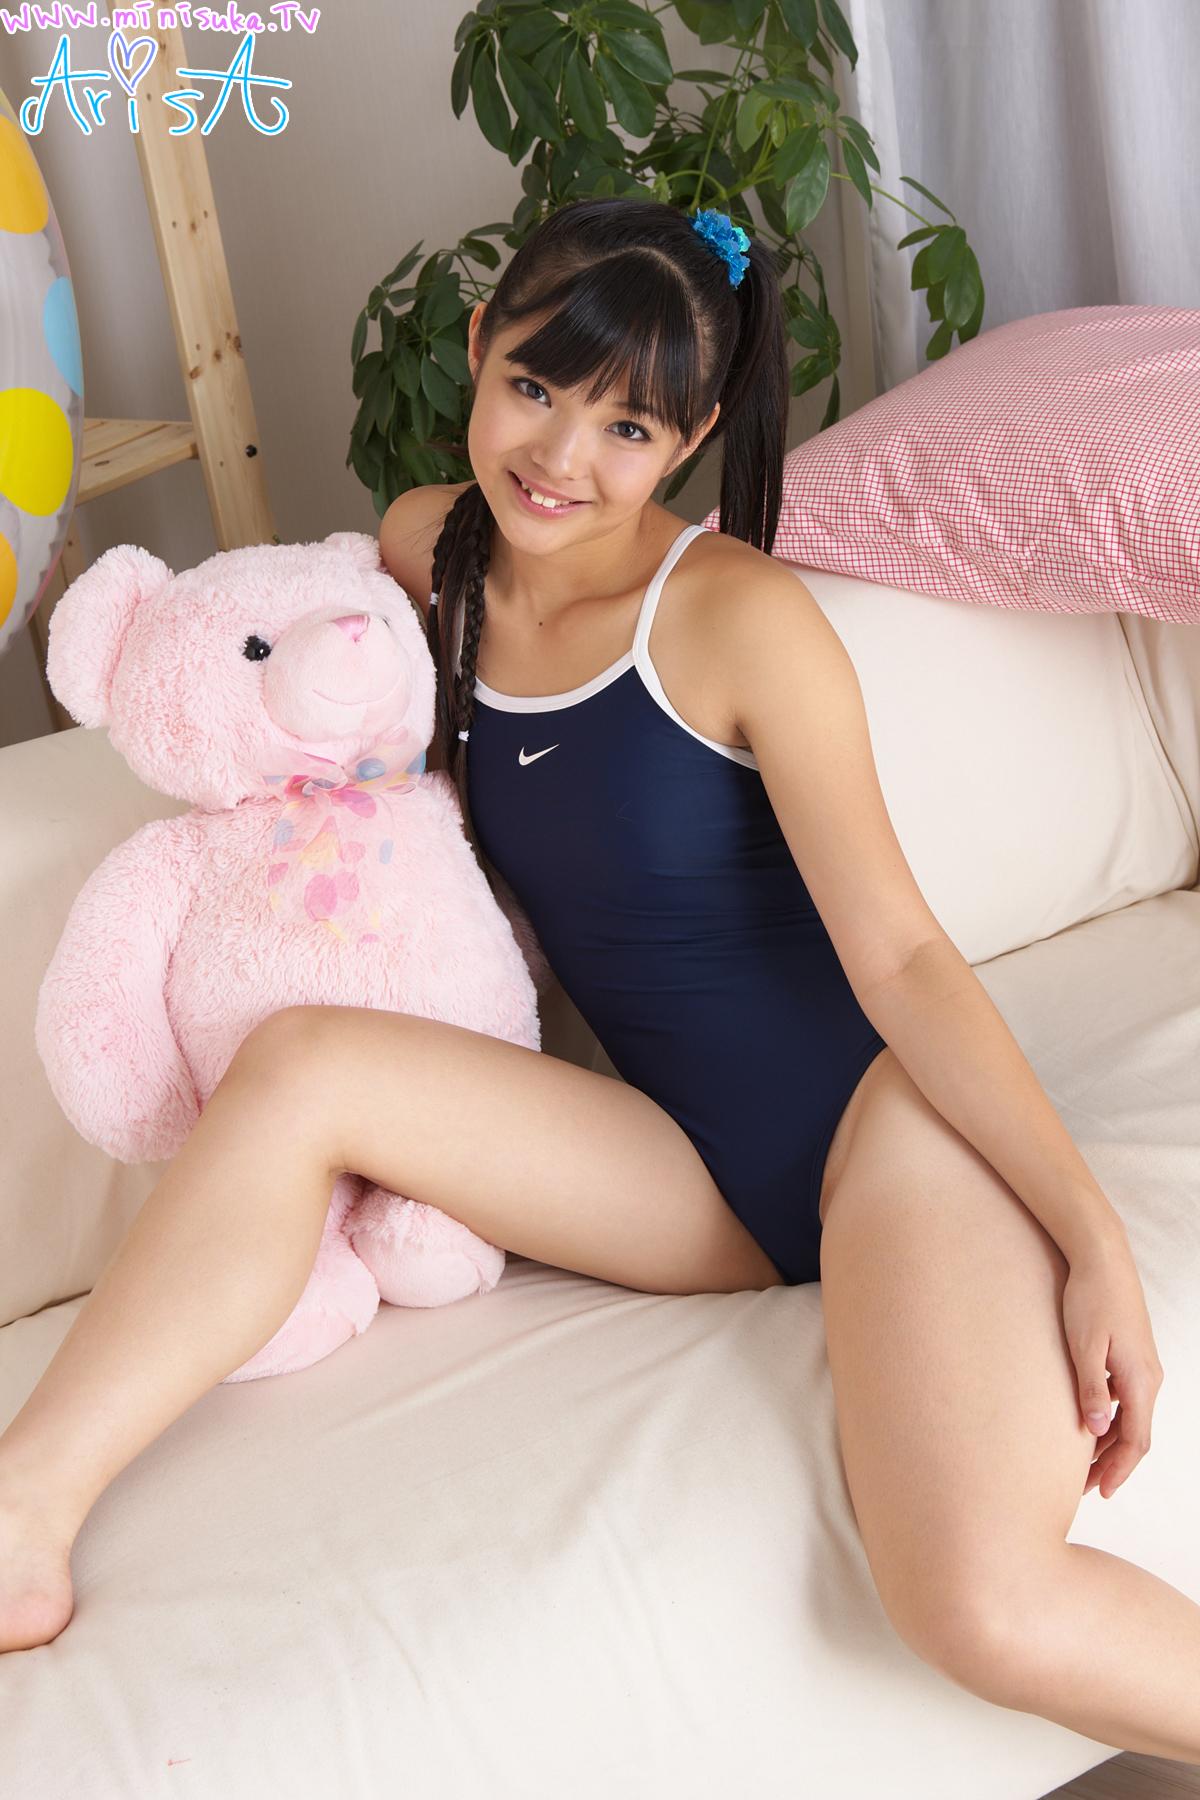 p_arisa-m_st1_03_018-jpg [Minisuka.tv] Arisa Matsuo - Regular Gallery (STAGE1) 03 [52.9 Mb]